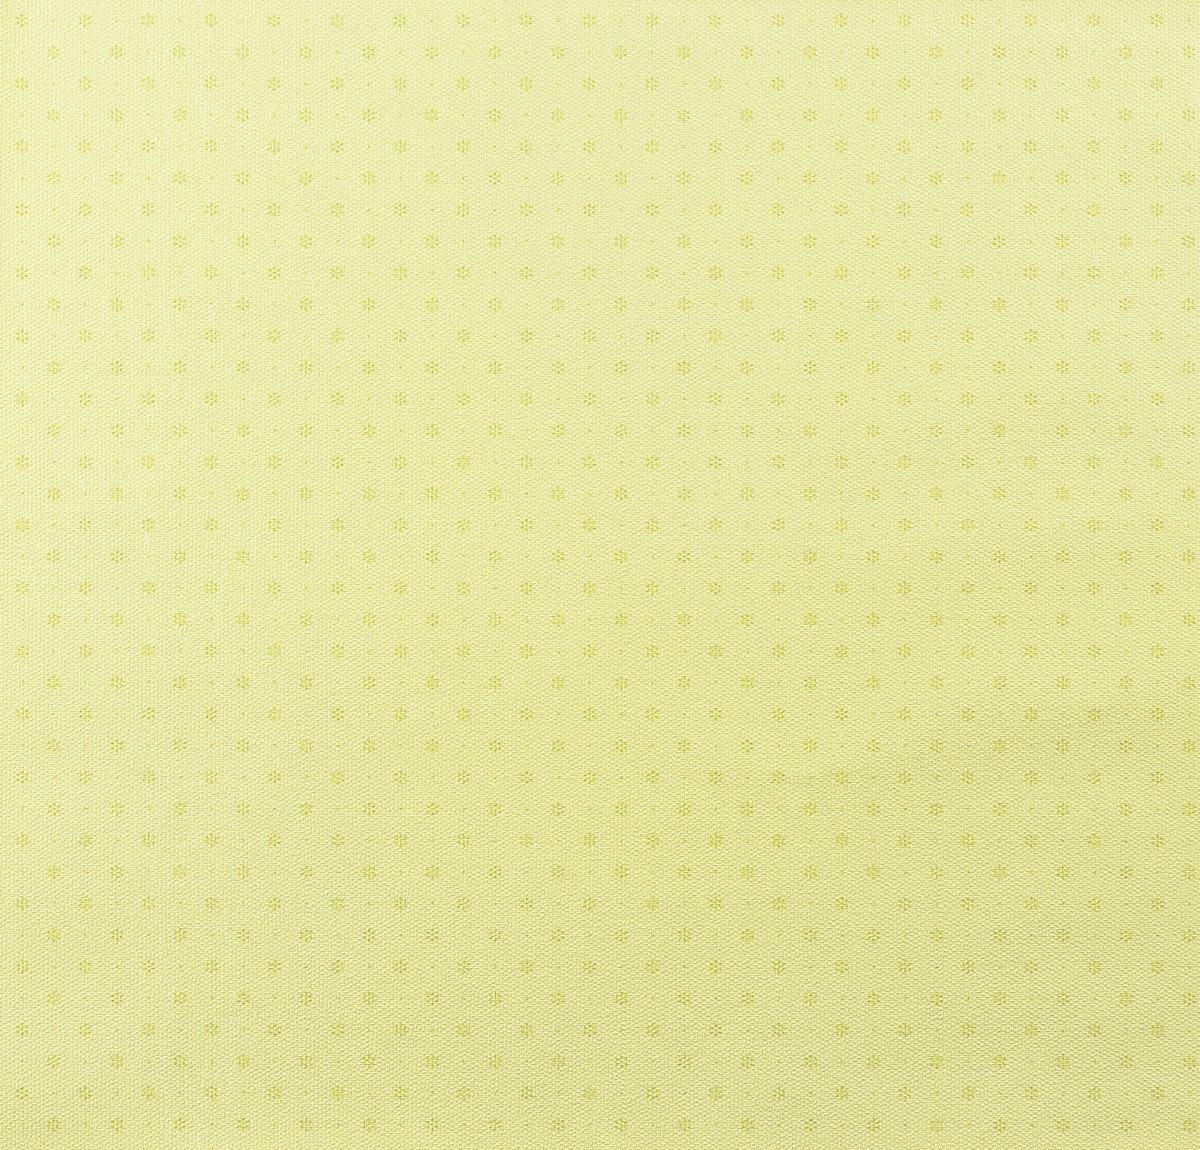 Landhaus tapete fleuri pastel a s 93769 4 937694 bl te gr n for Landhaus tapete